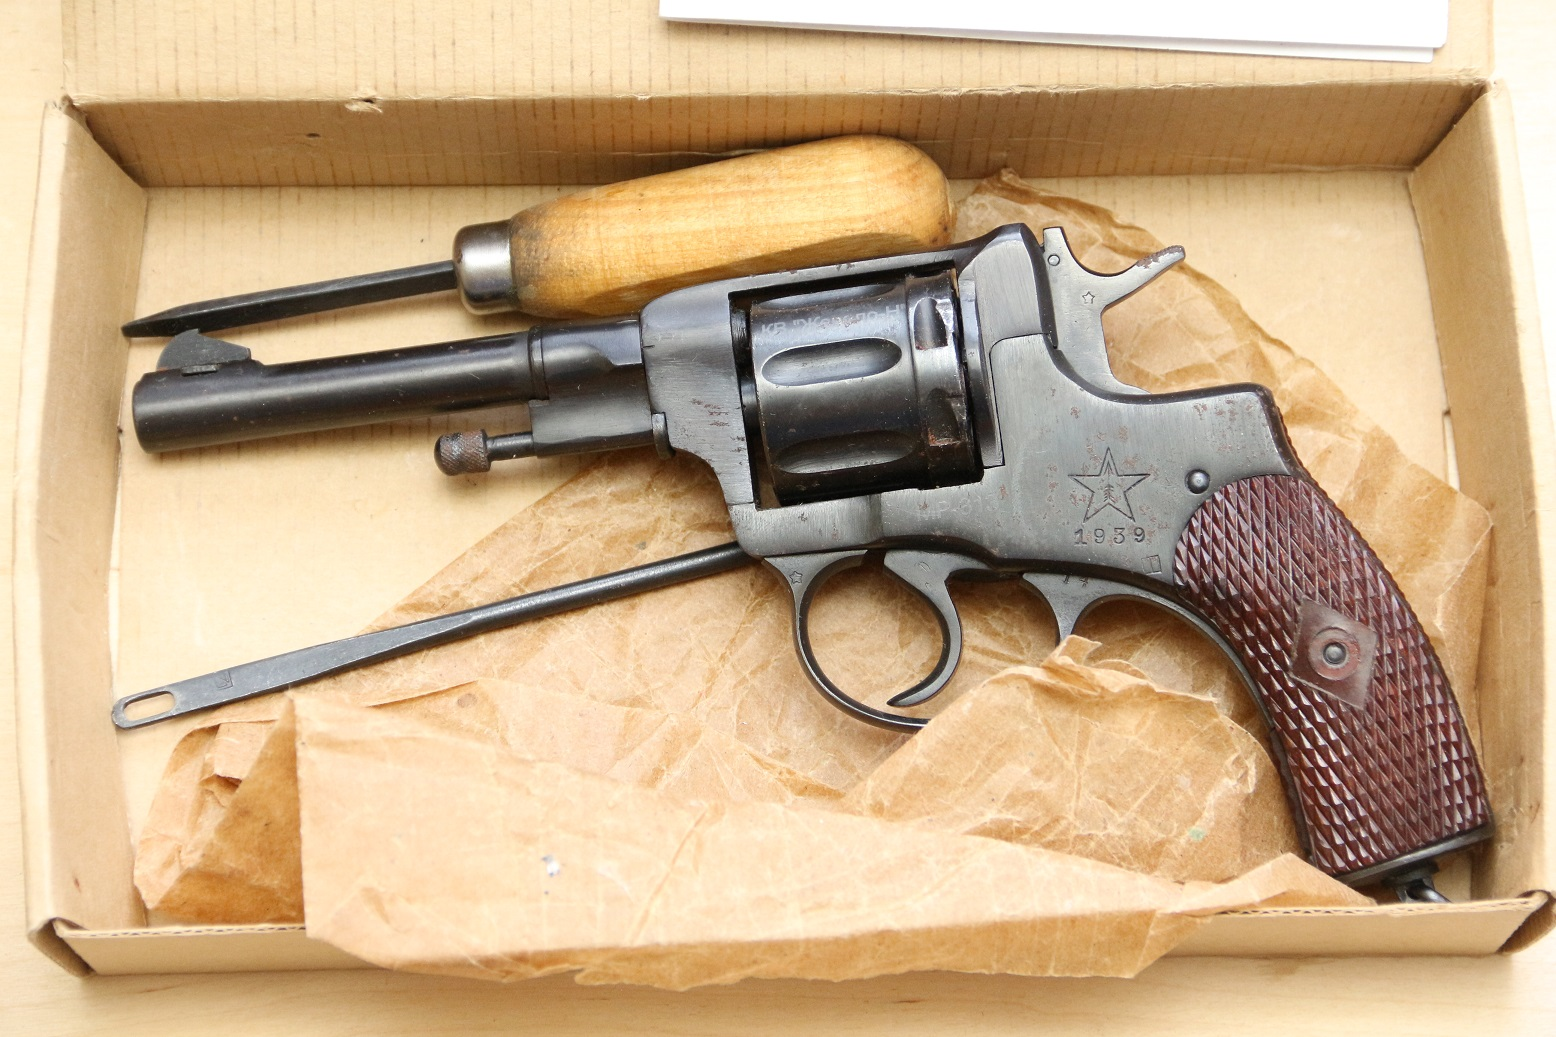 Фото Сигнальный револьвер Наган МР-313, 1939 год, №0931318889